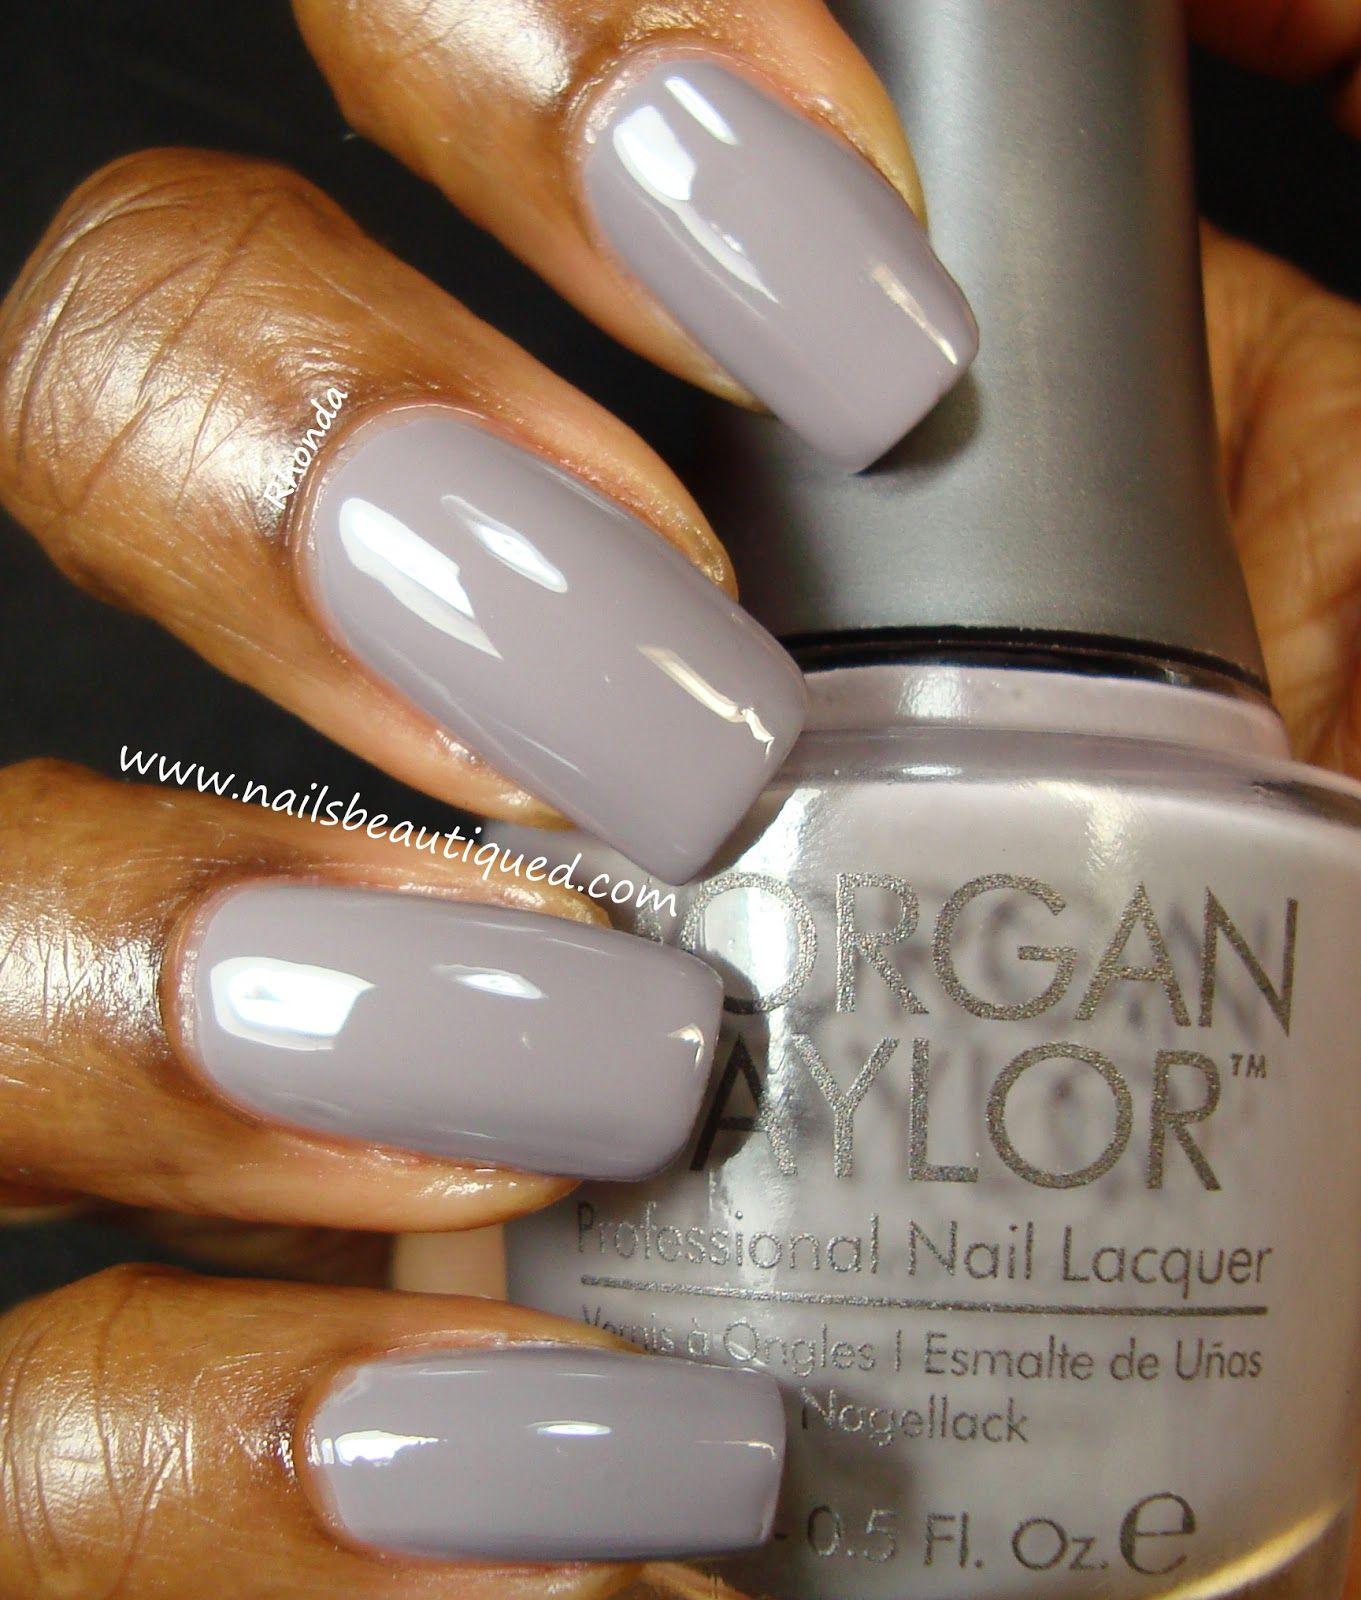 Morgan Taylor Nail Lacquer, Dress Code | Nails Beautiqued | Nails ...